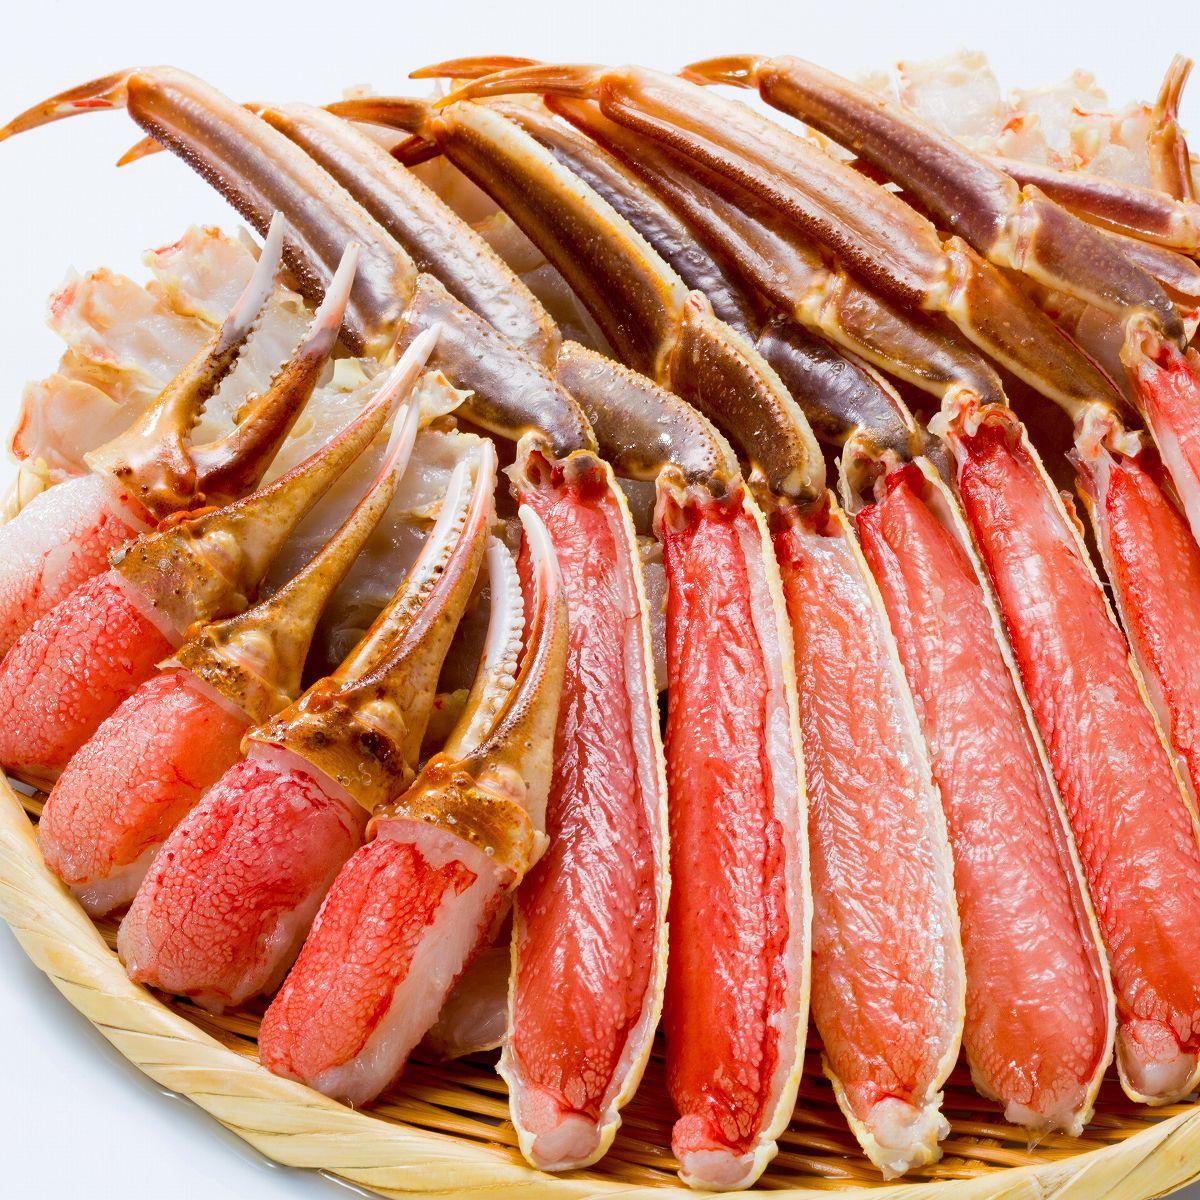 【ふるさと納税】[生食可]カット済み生ずわいがに1.5kg(750g×2P) B-38001